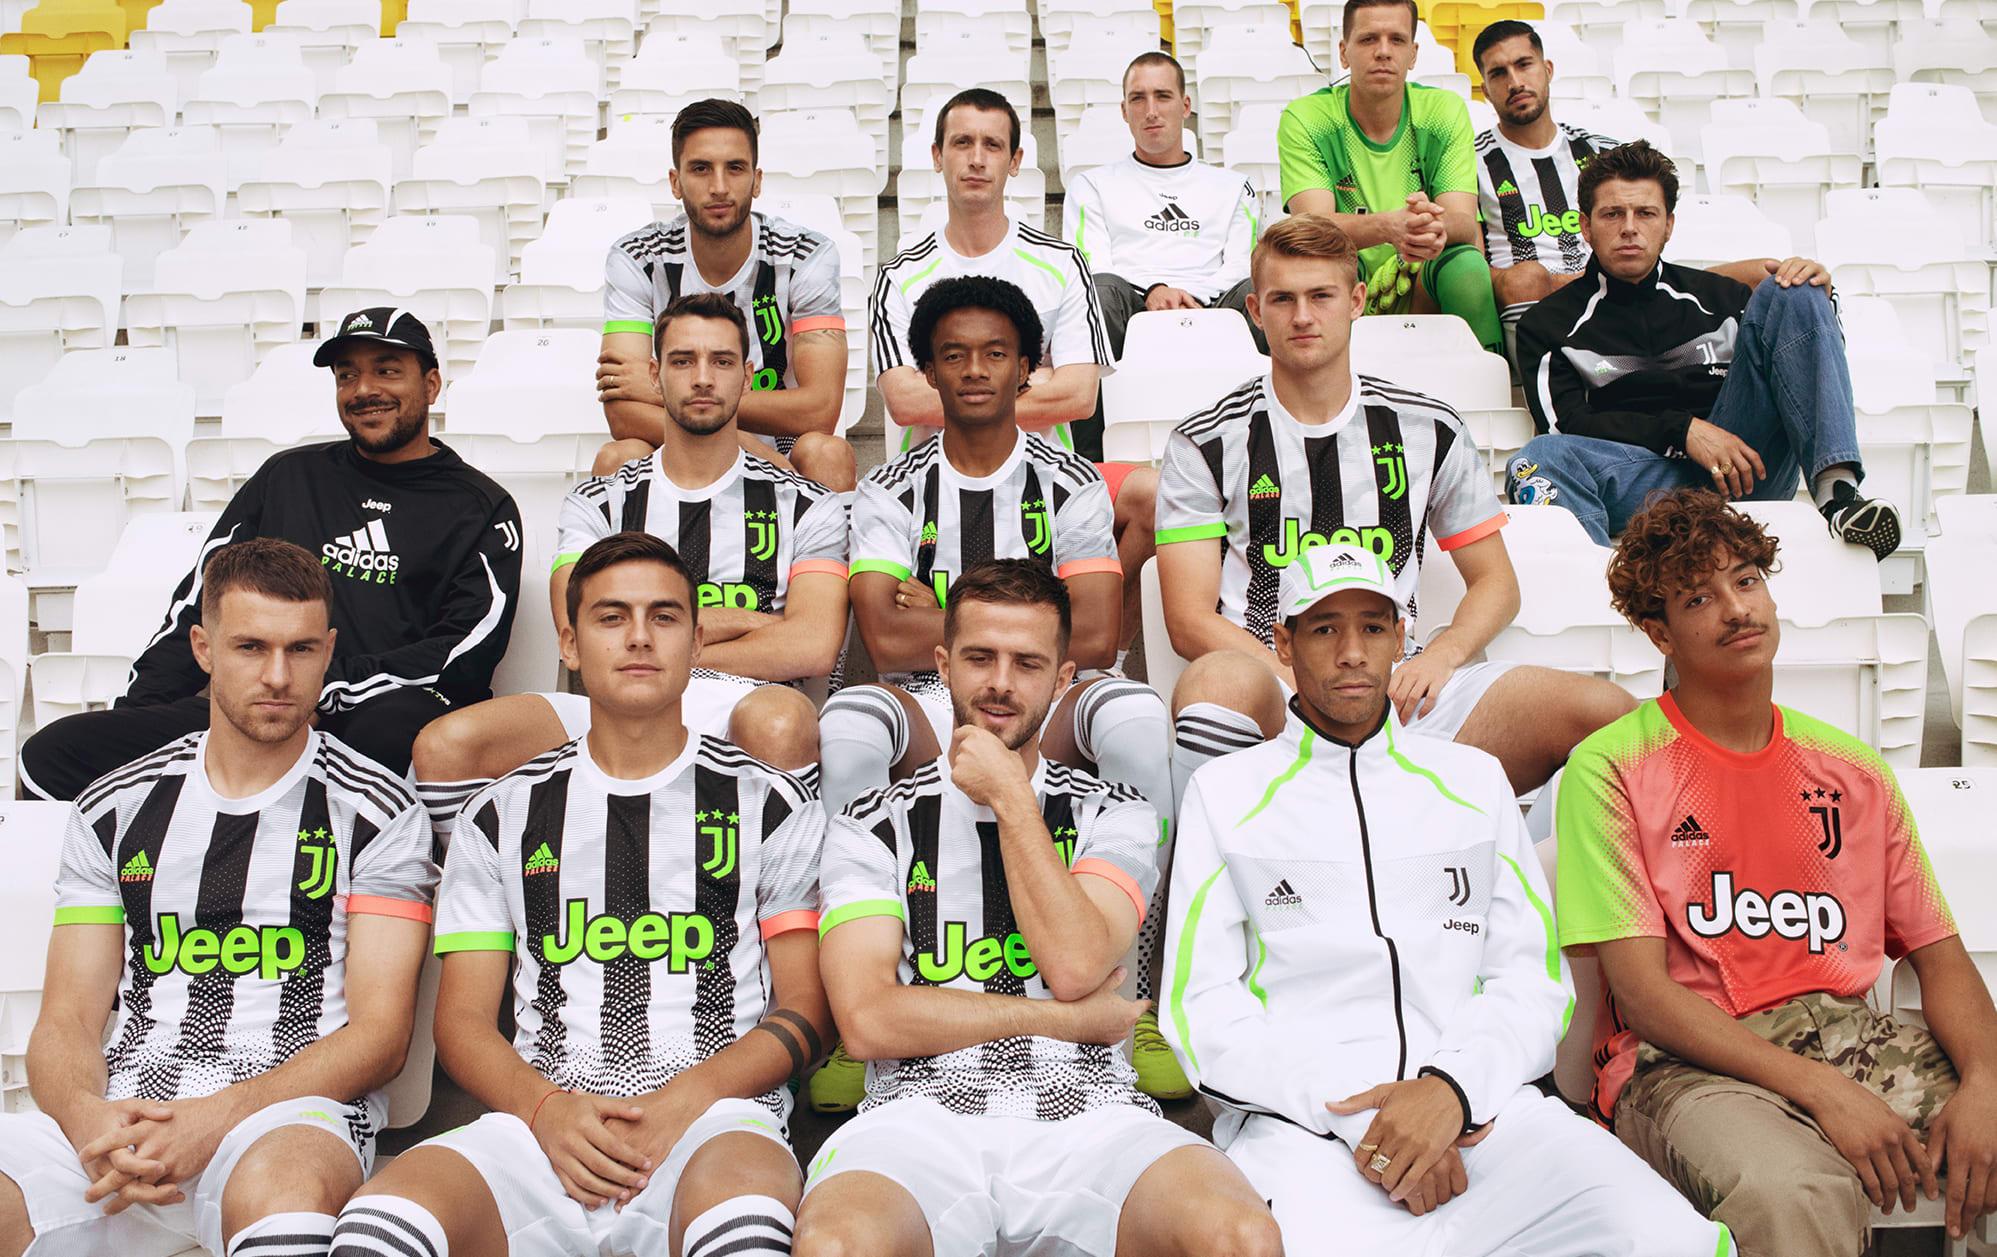 Juventus x Adidas x Palace